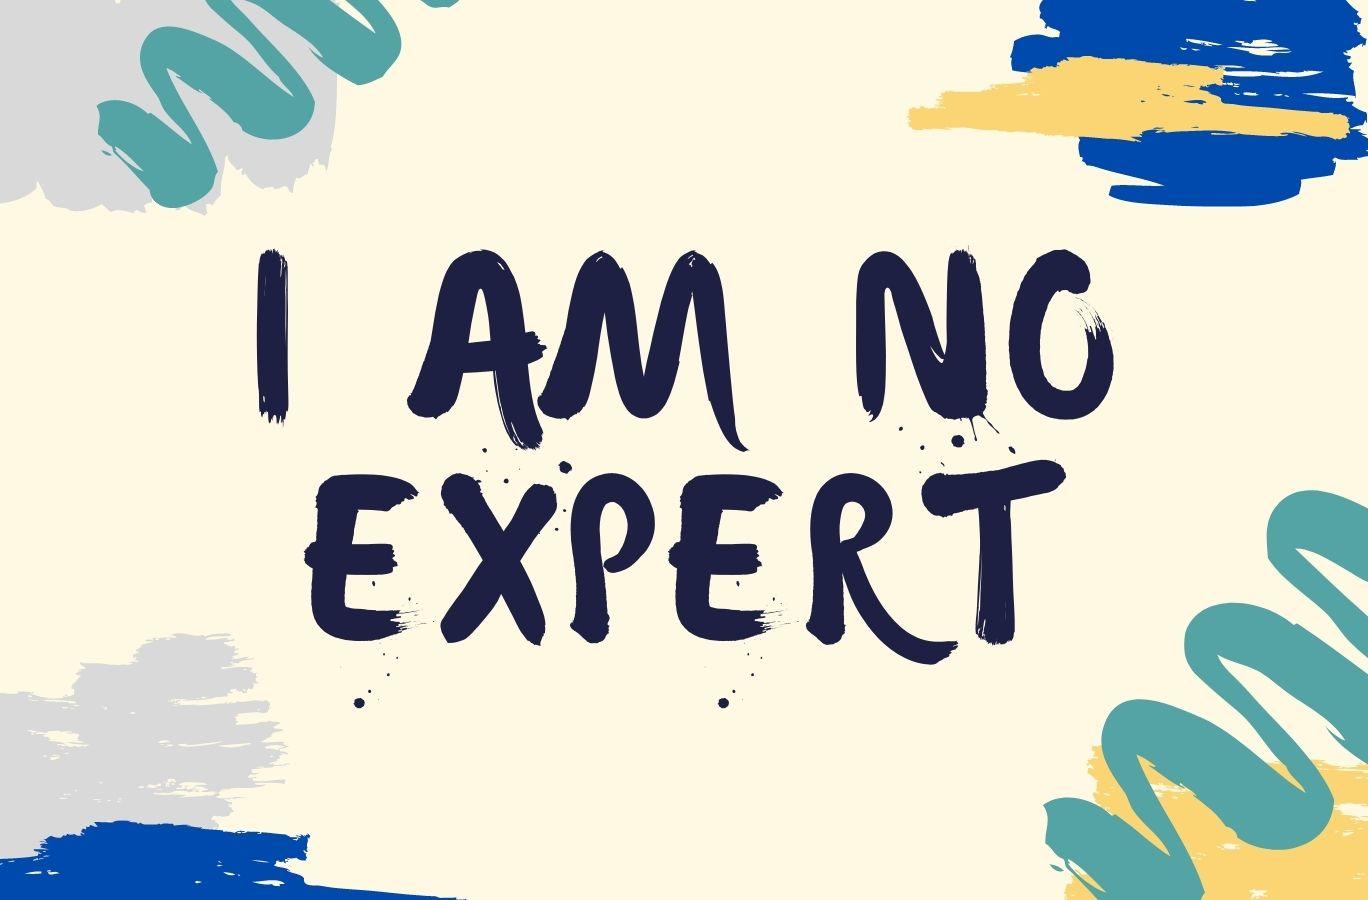 I am no expert